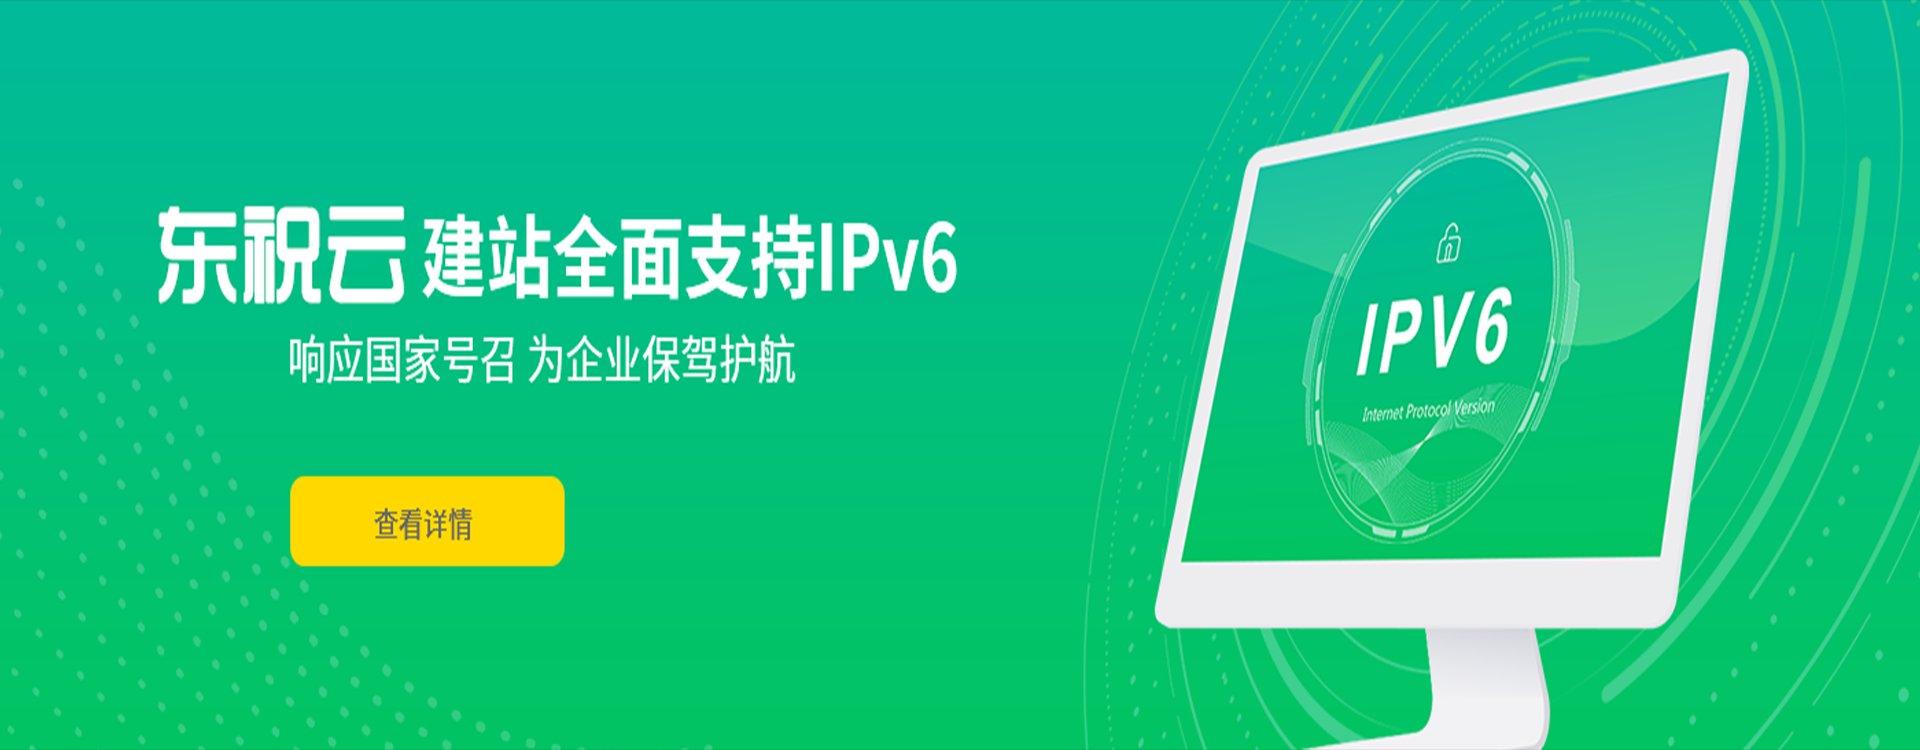 東祝全面支持IPv6